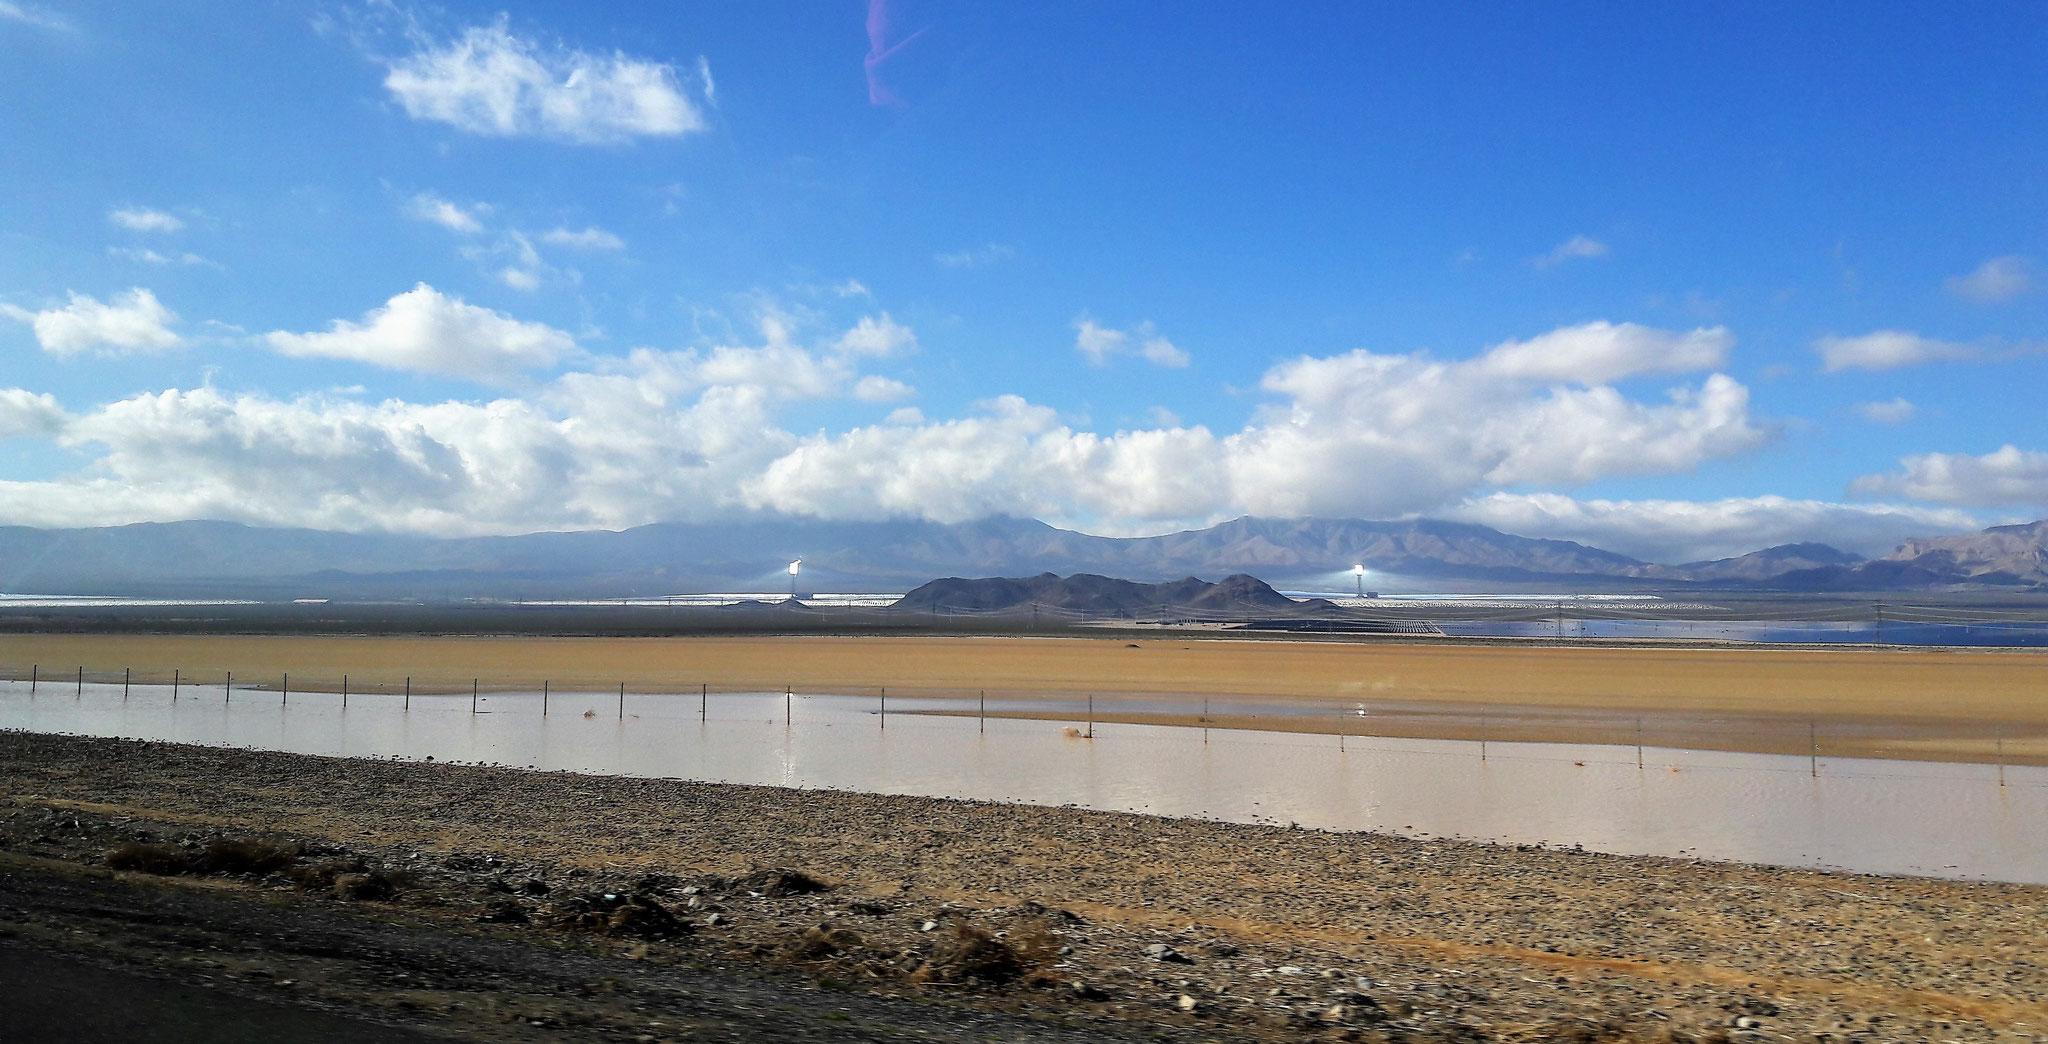 Alternative vom selben Tag wie das vorige Bild: in der Wüste steht im Winter manchmal Wasser. Und dahinter werden in der Ferne spannende Solar Experimente durchgeführt. Oder Aliens haben da ihre Basis. Es gibt nur einen Weg es herauszufinden.